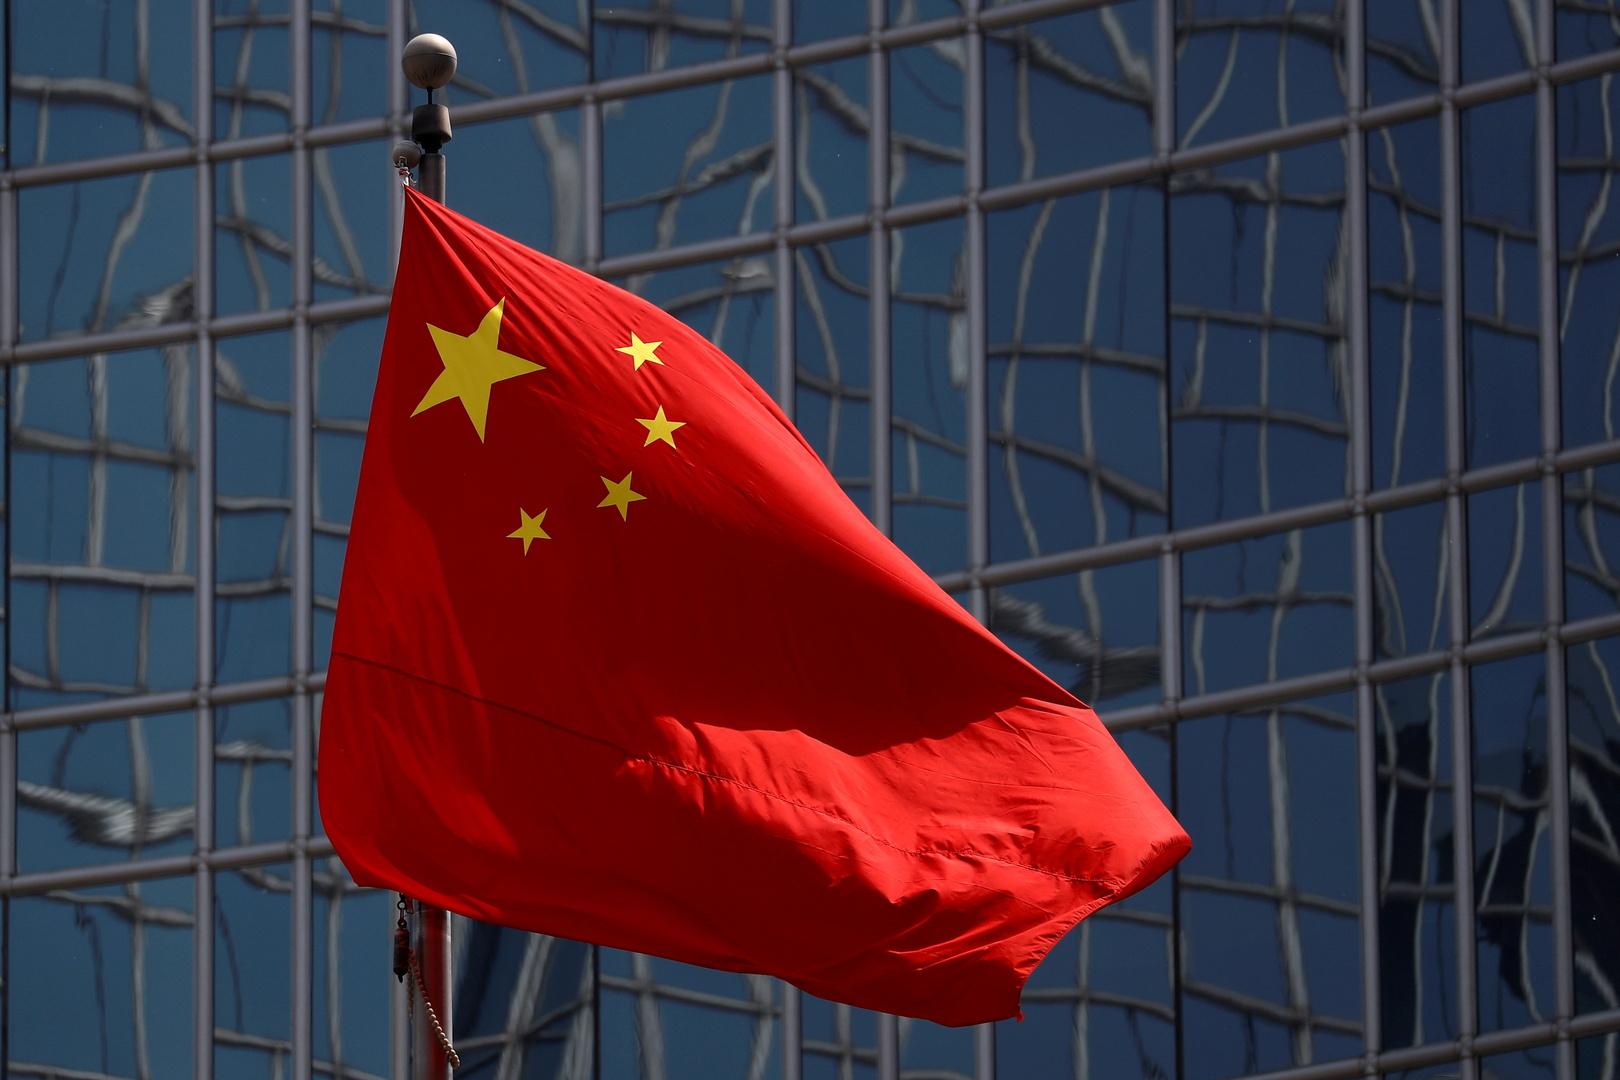 الصين تعلق على اتفاق بوتين وبايدن على إطلاق حوار شامل بشأن الأمن الاستراتيجي